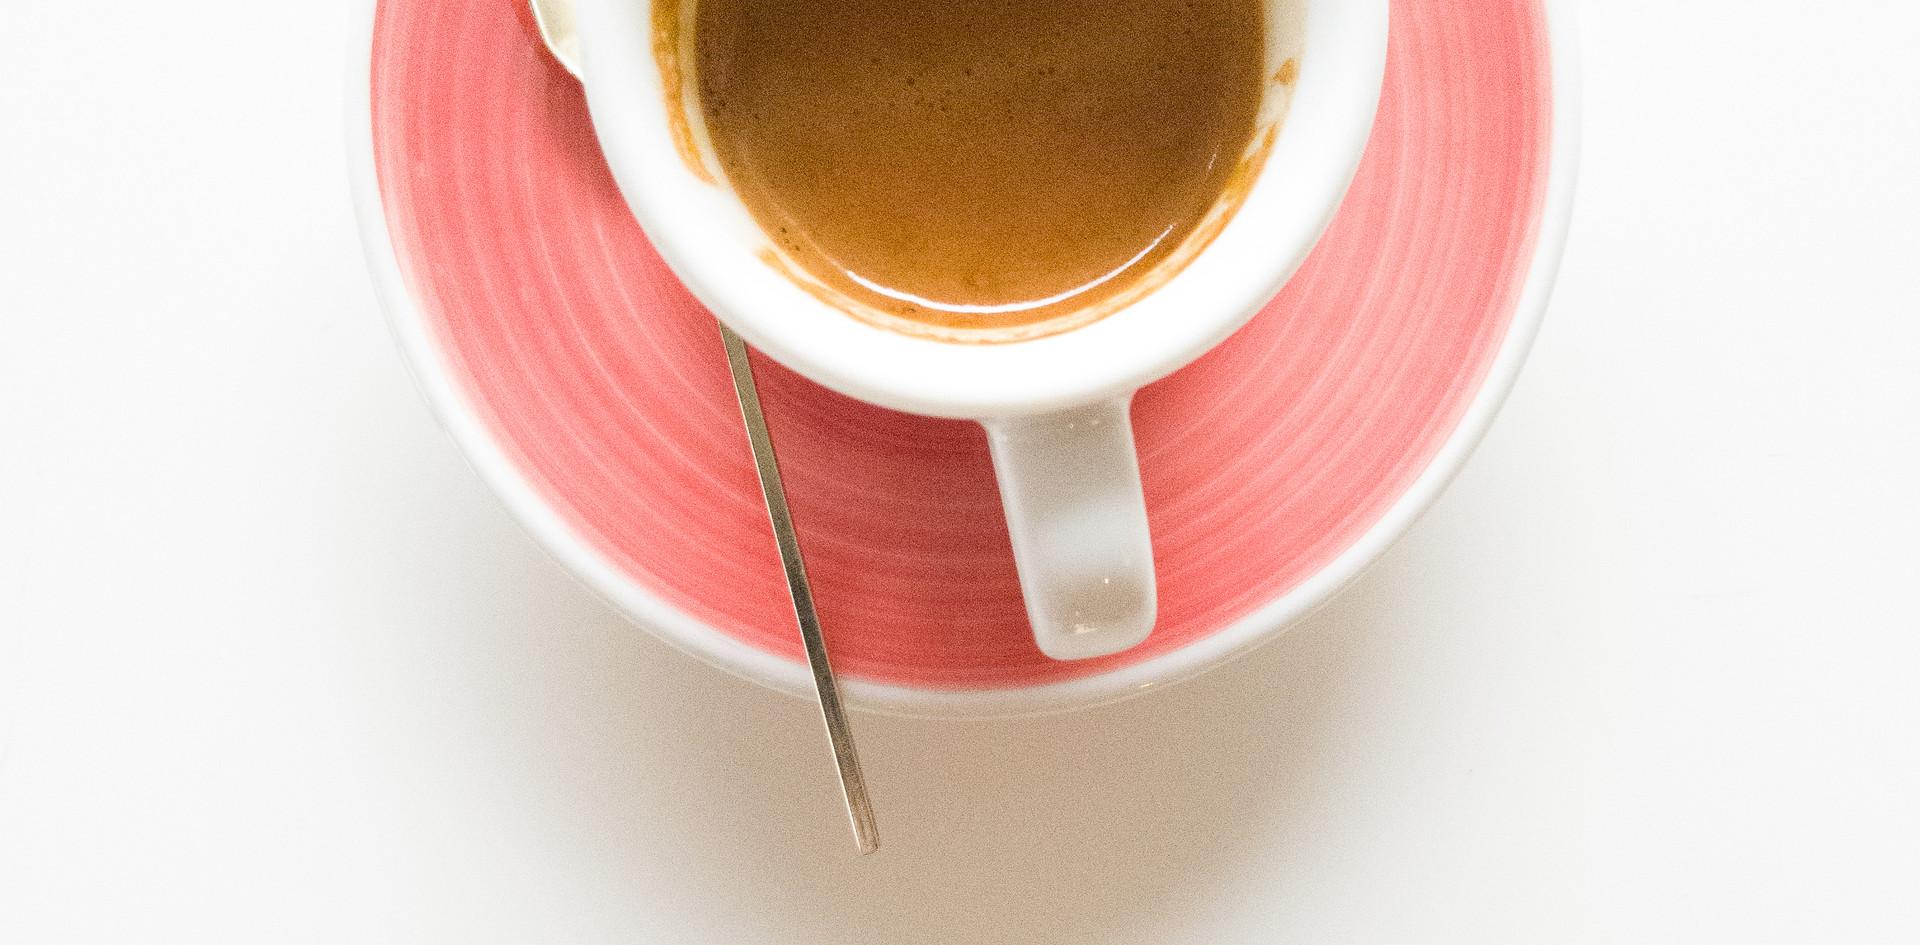 Espresso and White